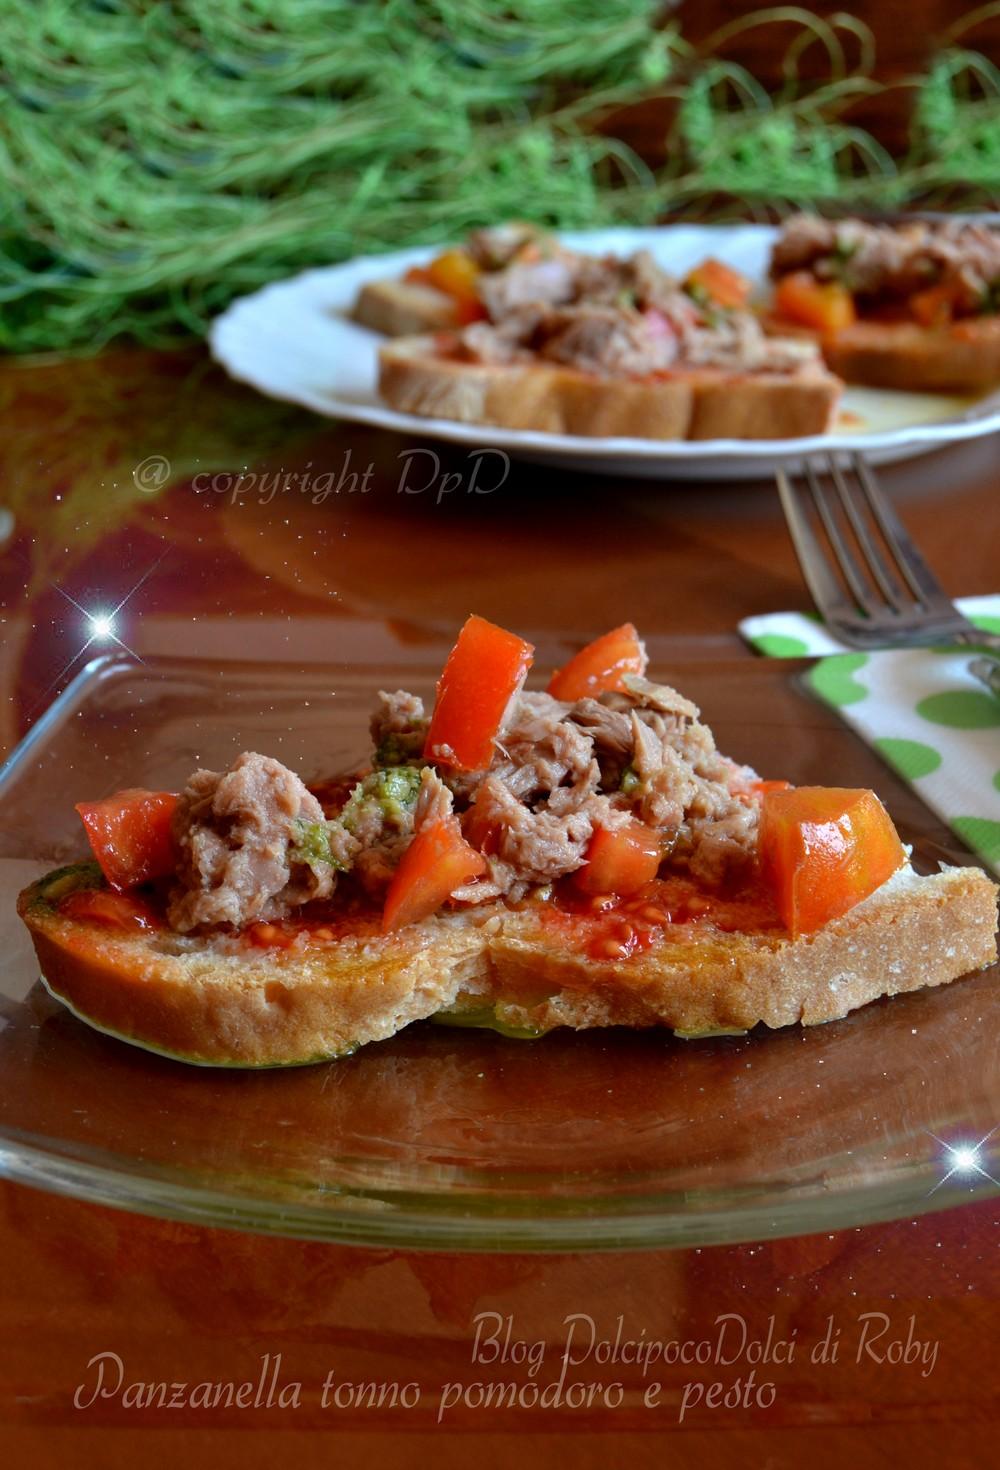 Panzanella tonno pomodoro e pesto - ricetta estiva 1